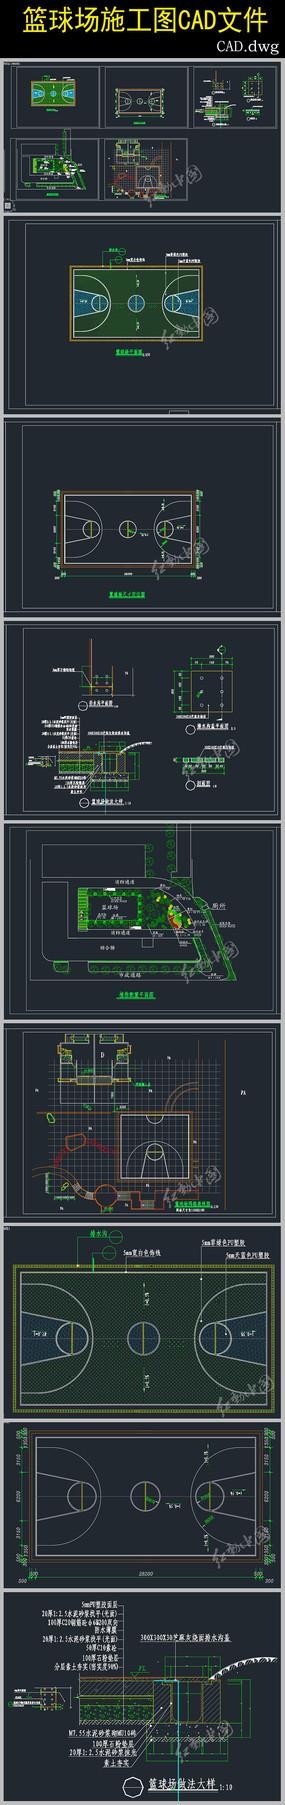 篮球场施工图CAD